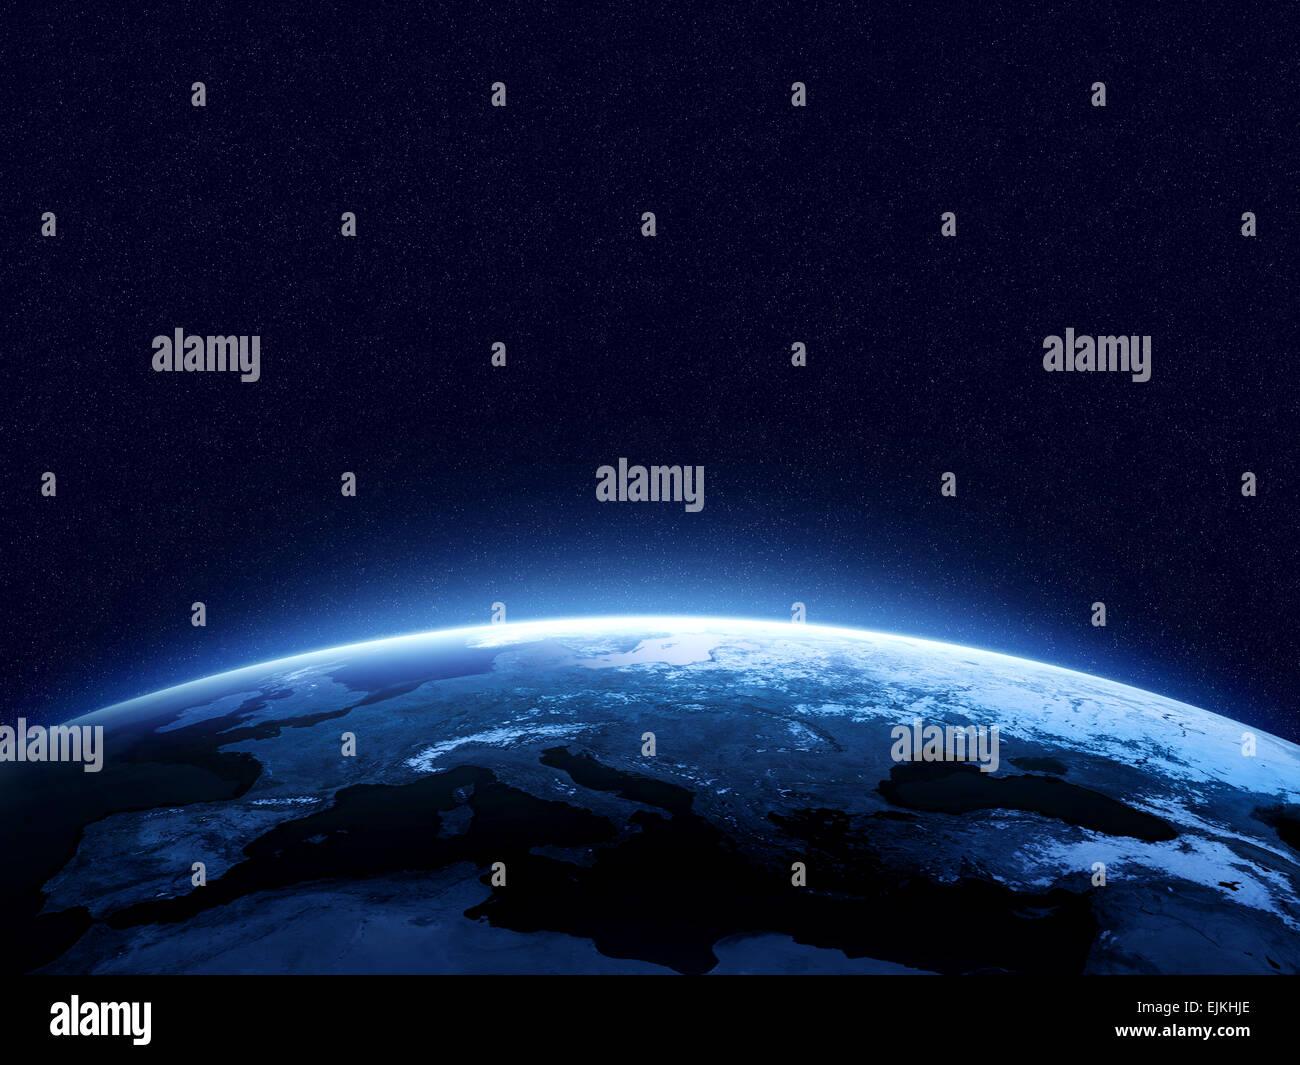 Terra di notte come visto dallo spazio con il blu, atmosfera incandescente e lo spazio nella parte superiore. Perfetto Immagini Stock